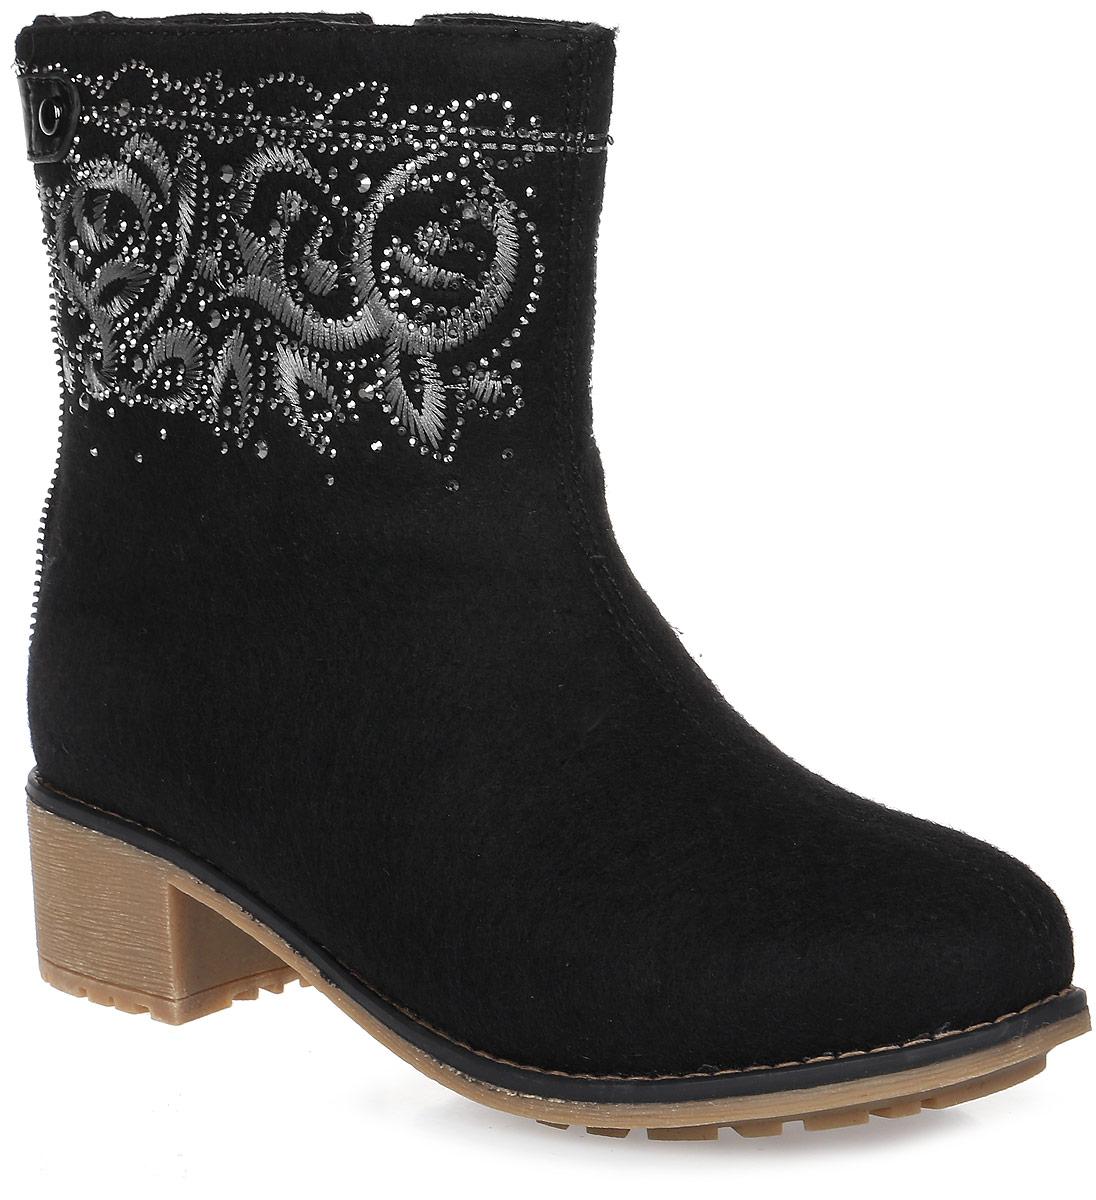 Ботинки женские Cooper, цвет: черный. 15511Z-1-2L. Размер 3815511Z-1-2LСтильные женские ботинки Cooper выполнены из войлока и дополнены застежкой-молнией. Подошва оснащена рифлением. Такие ботинки отлично подойдут для тех, кто хочет подчеркнуть свою индивидуальность.